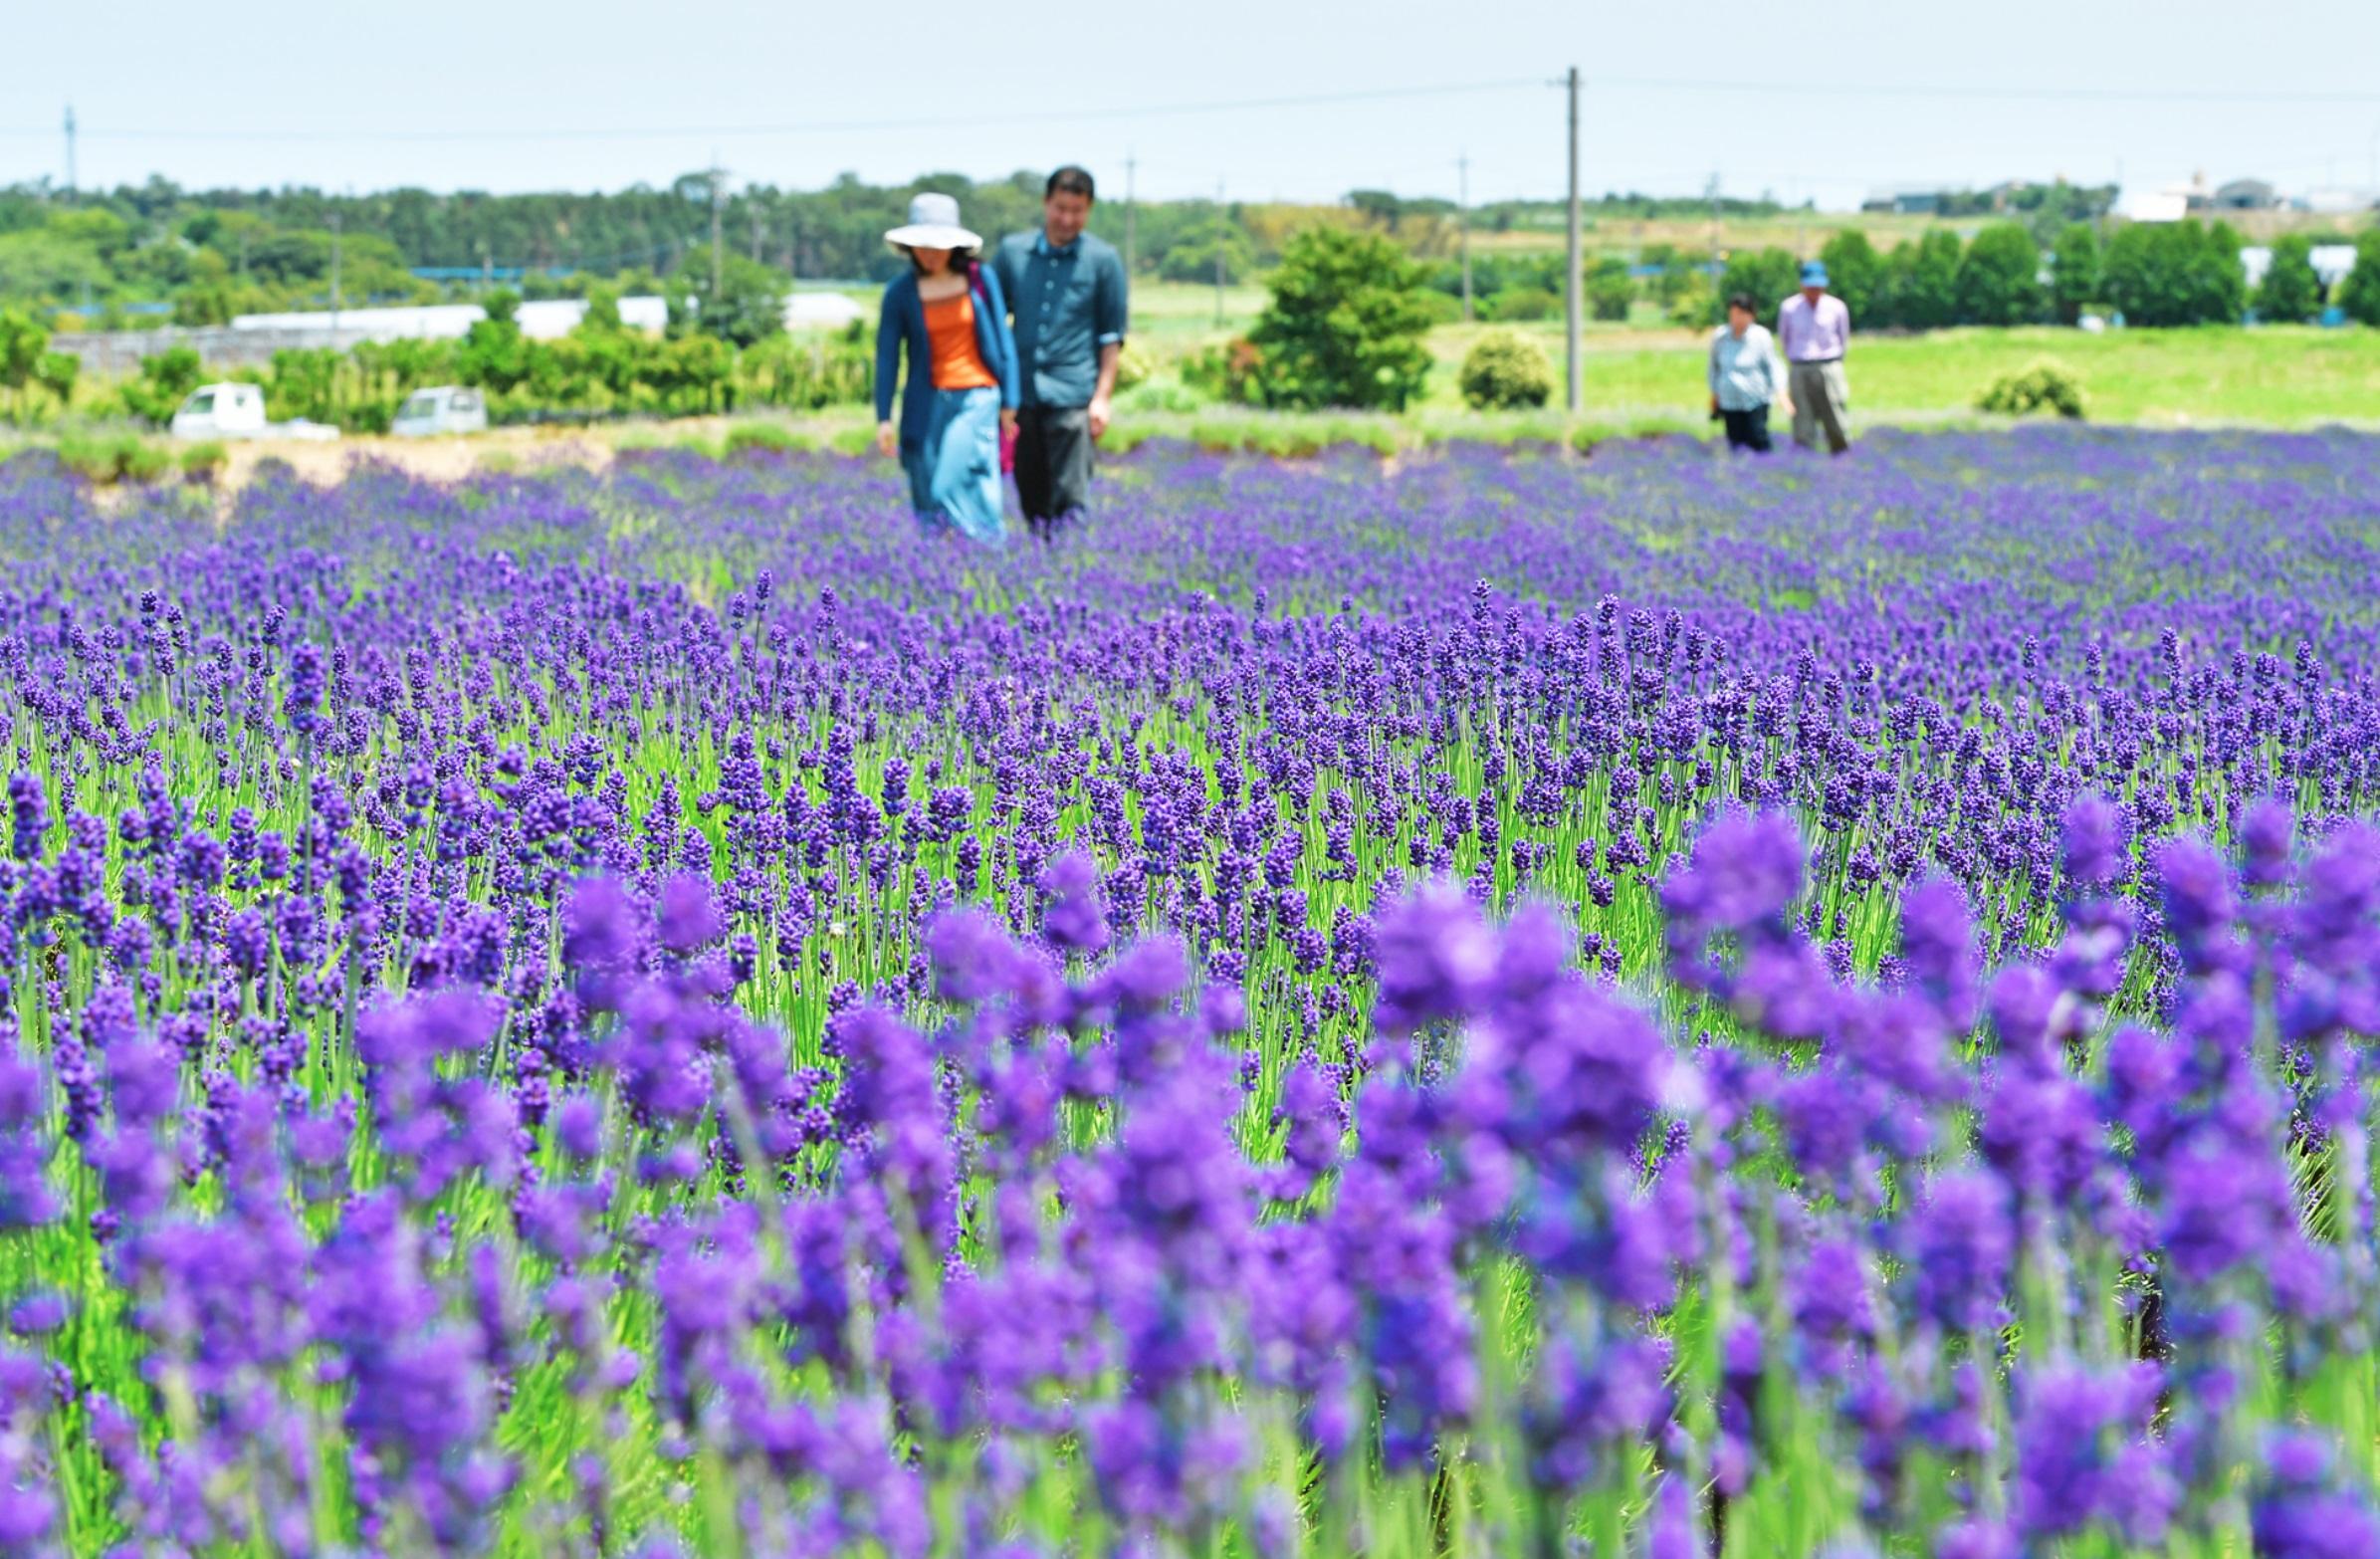 鮮やかな紫色の花が一面に広がるラベンダー畑=31日、福井県坂井市三国町加戸